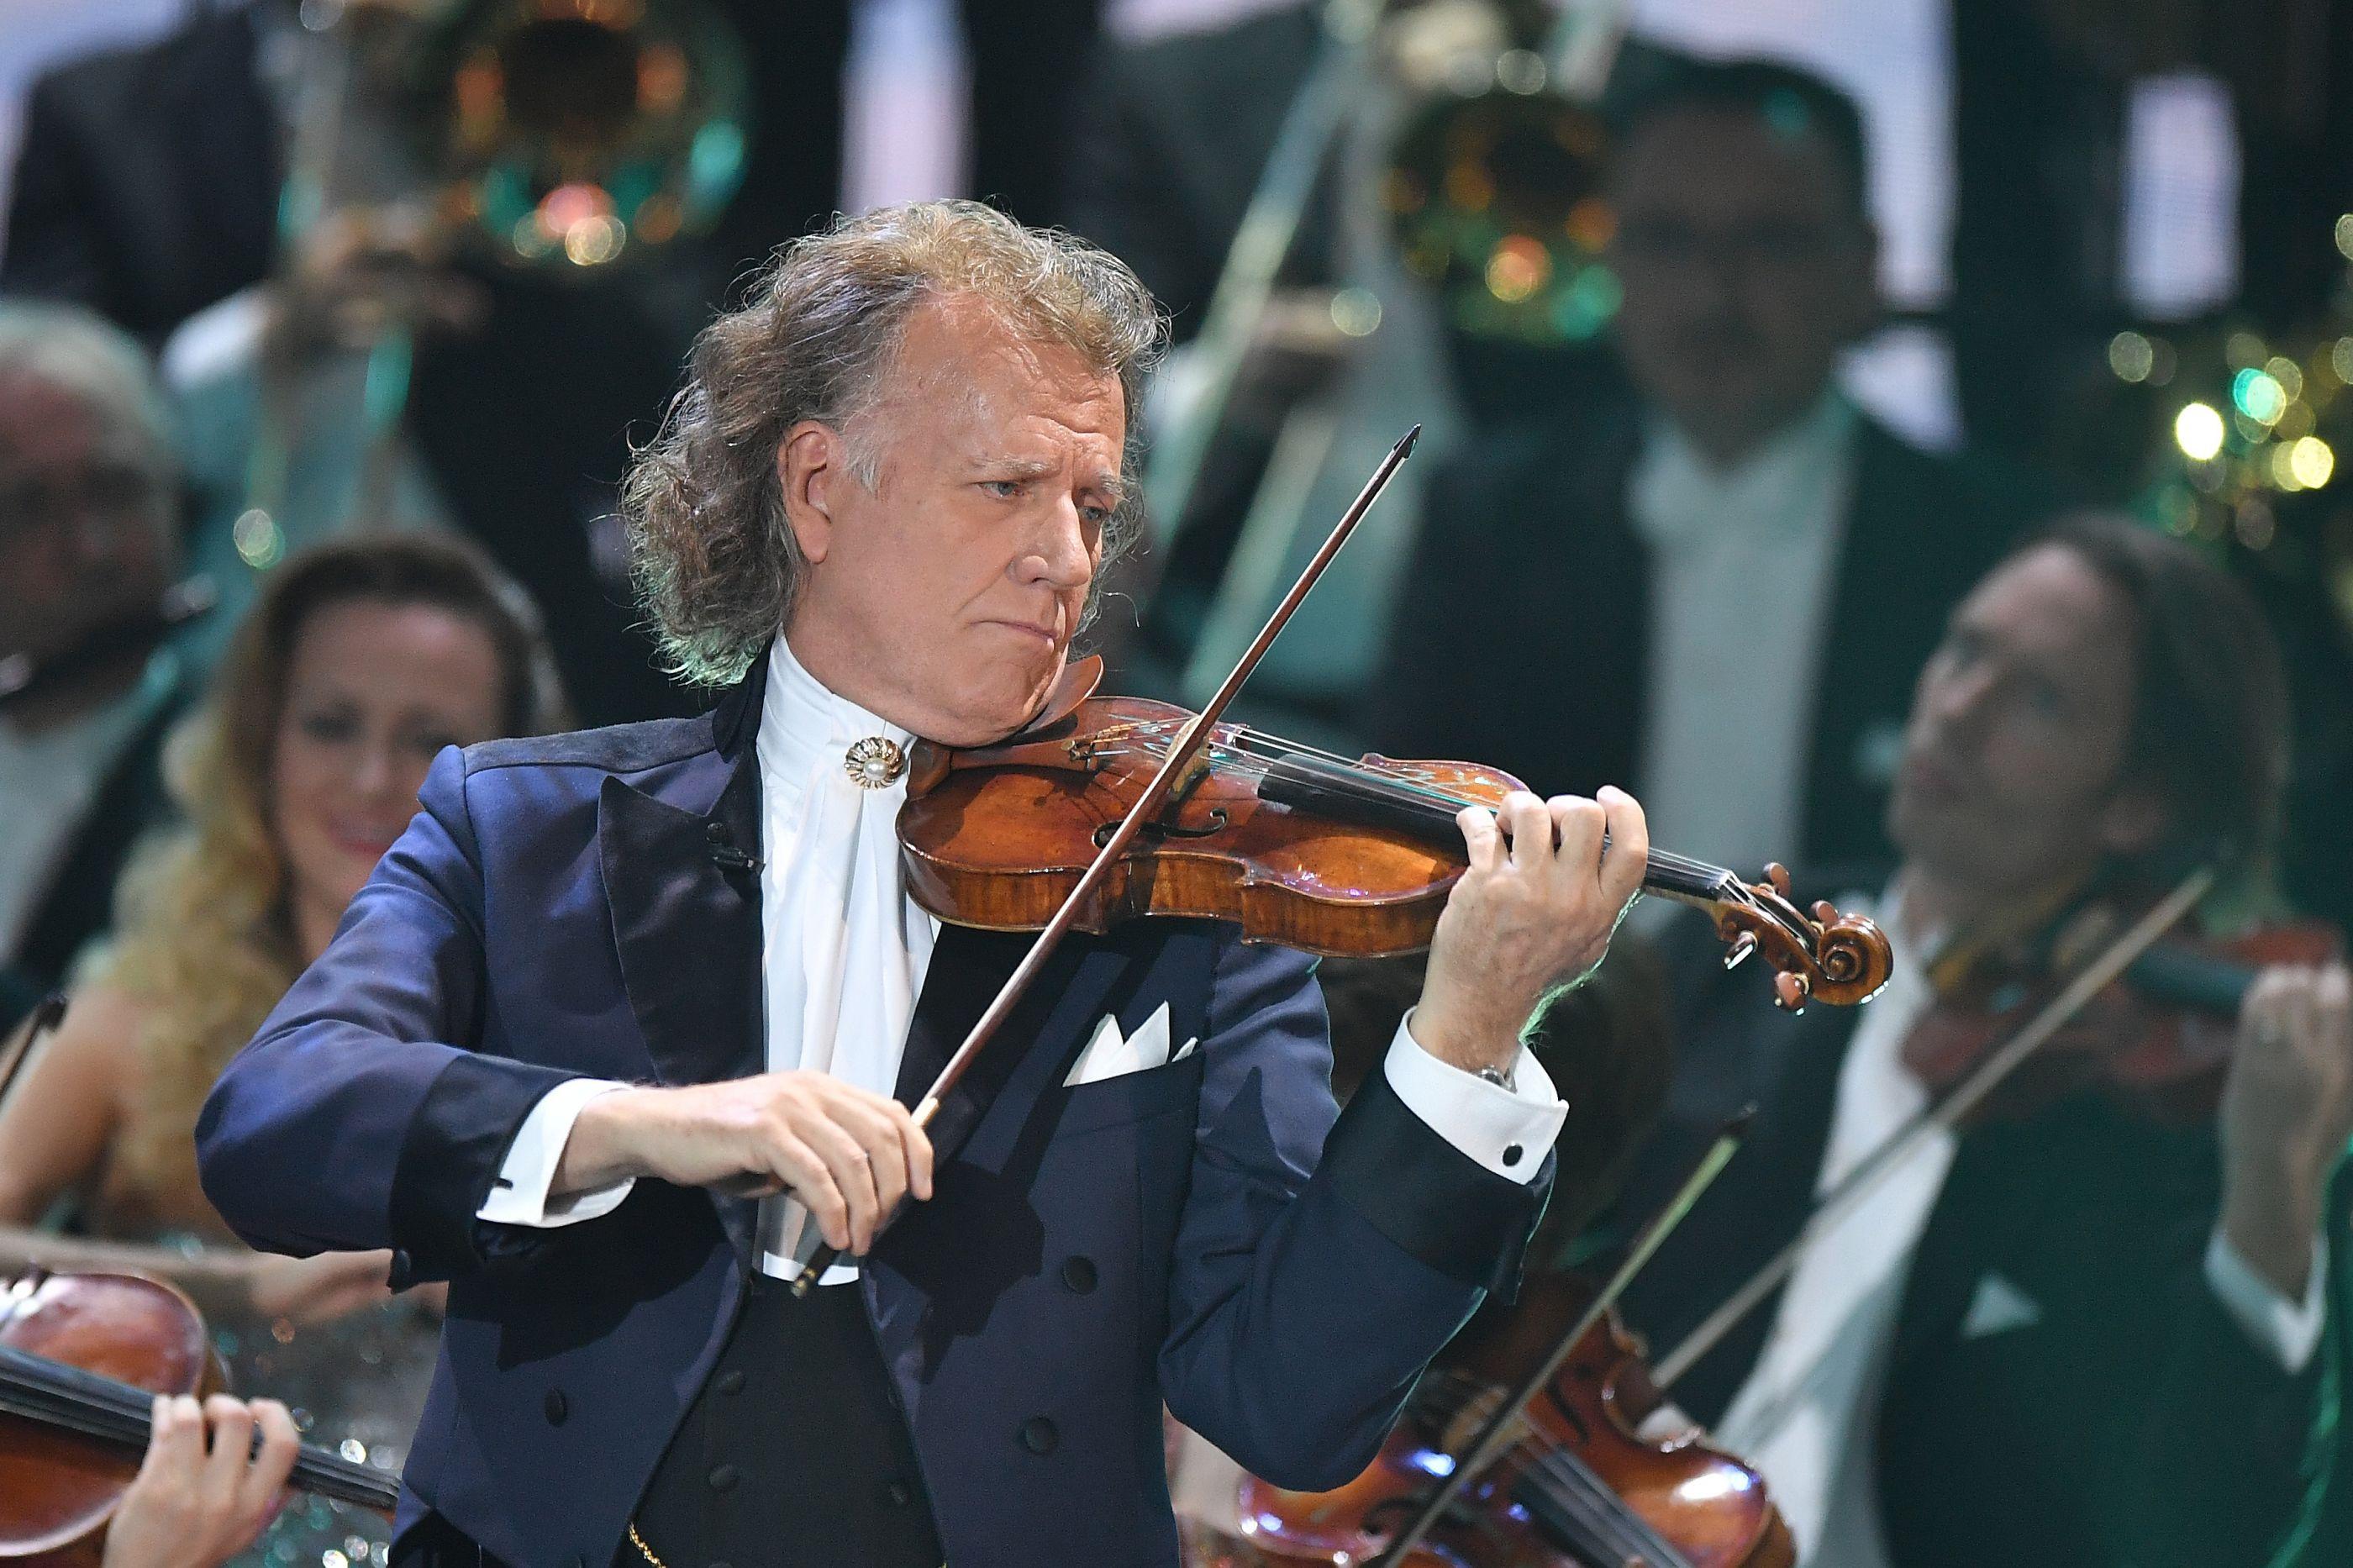 André Rieu e a sua orquestra cantam 'Loja do mestre André'